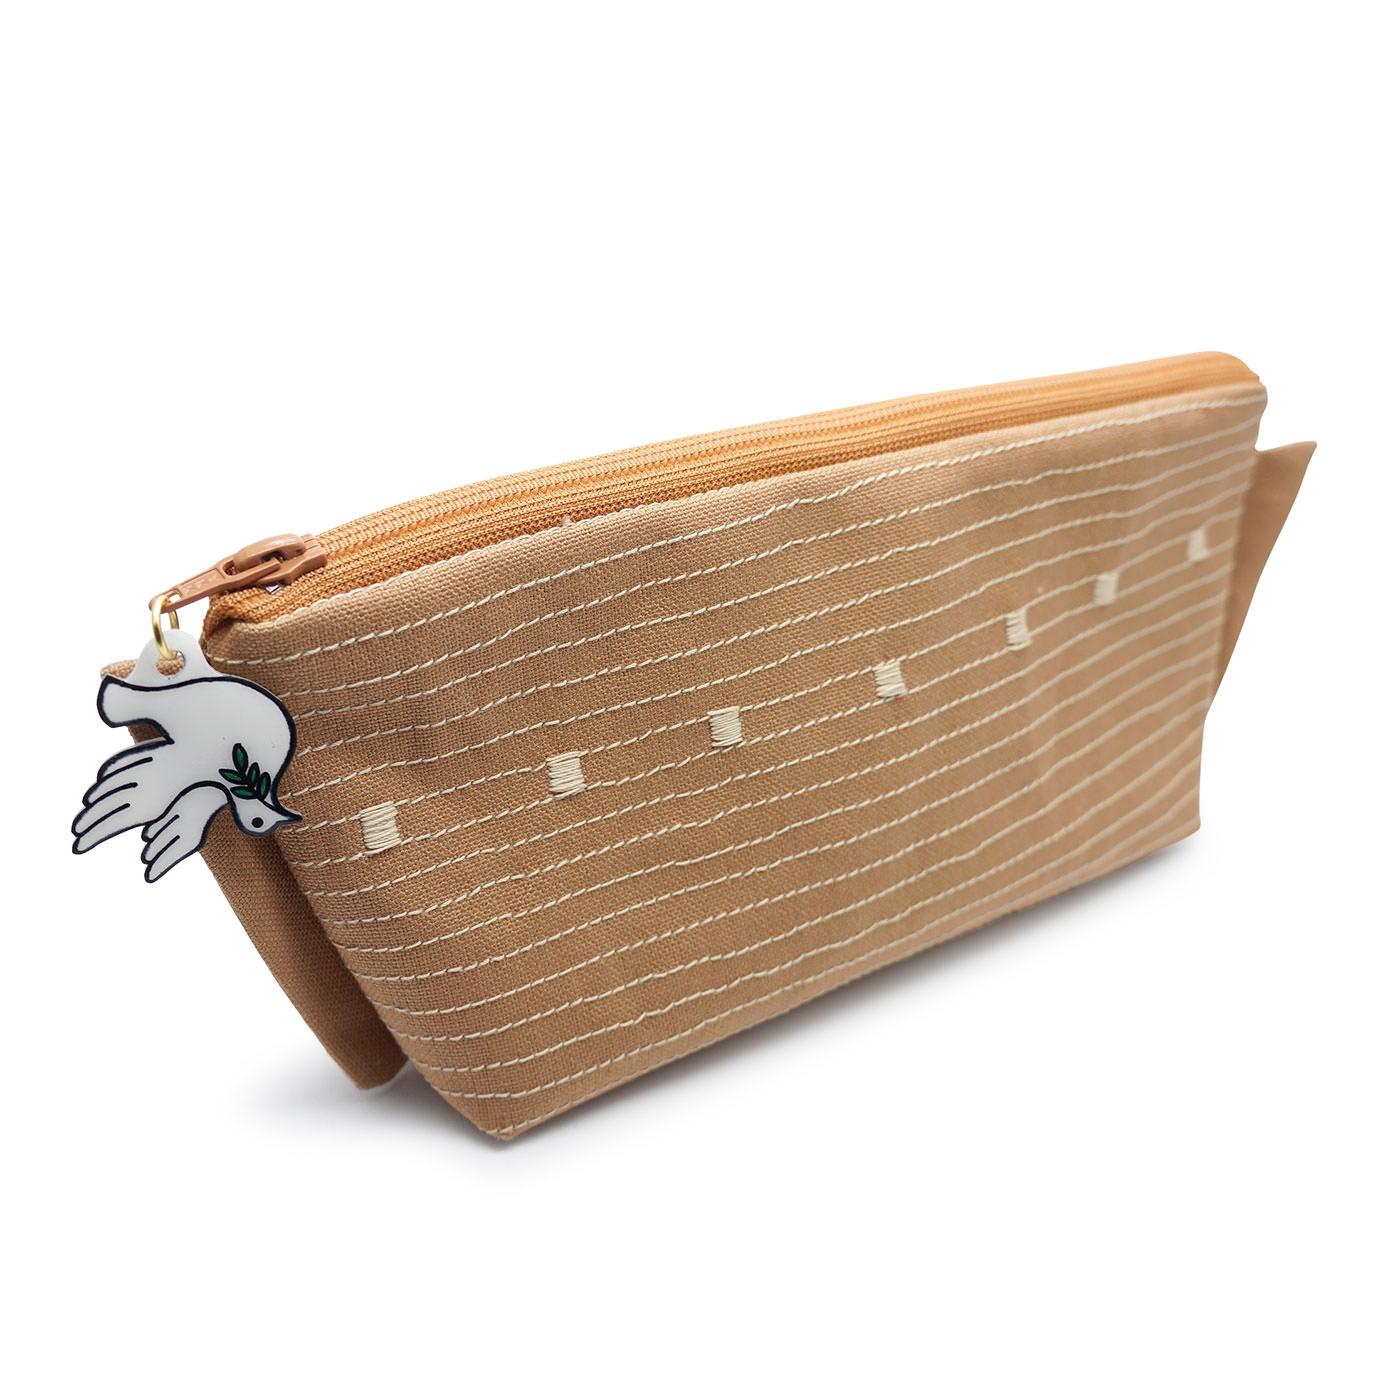 舟型ポーチで、ノアの方舟の外観を再現。